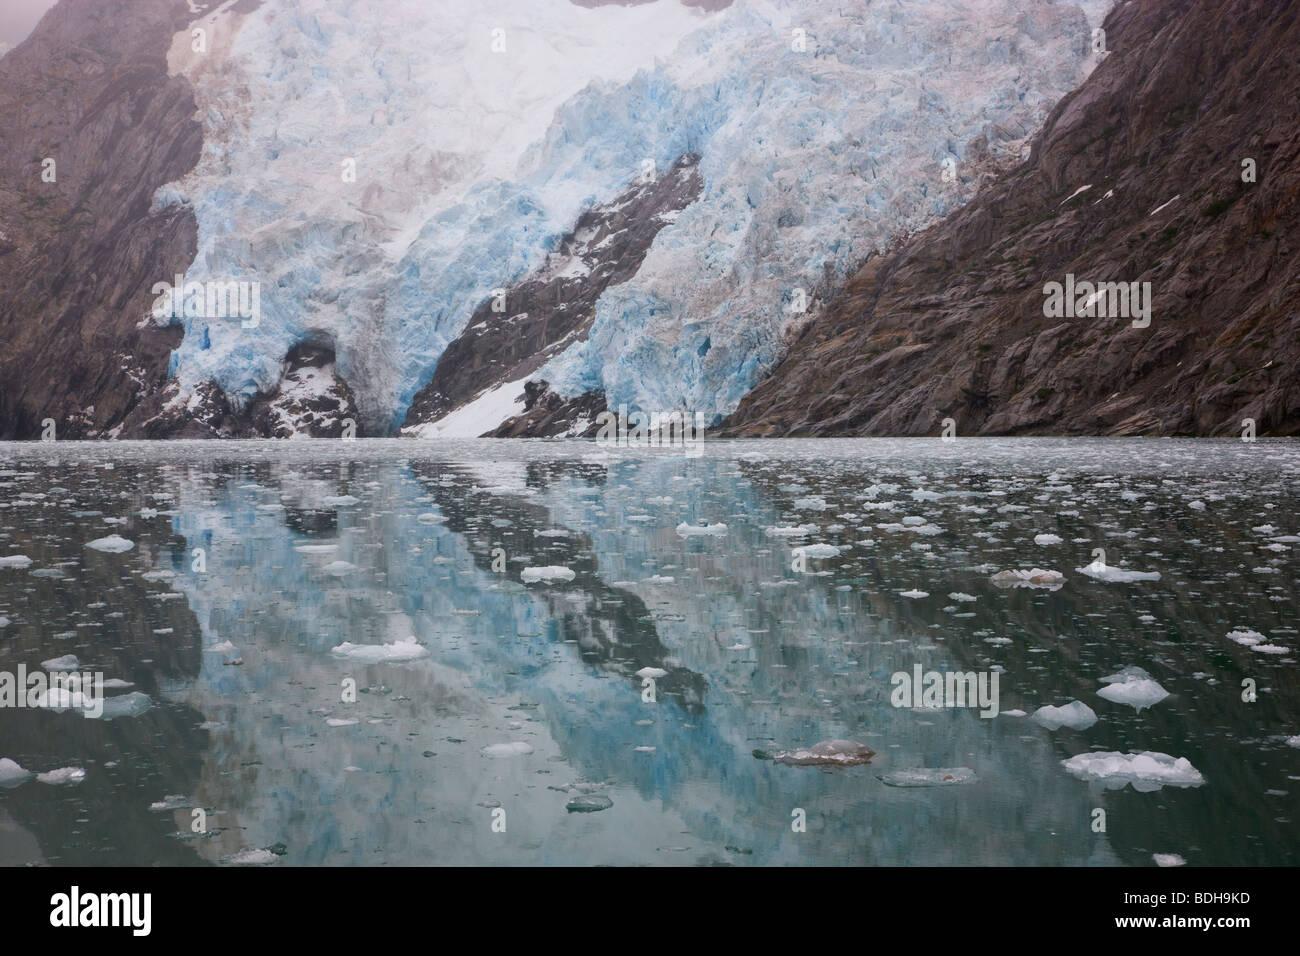 Nordwestlichen Gletscher, nordwestlichen Fjord, Kenai-Fjords-Nationalpark, Alaska. Stockbild